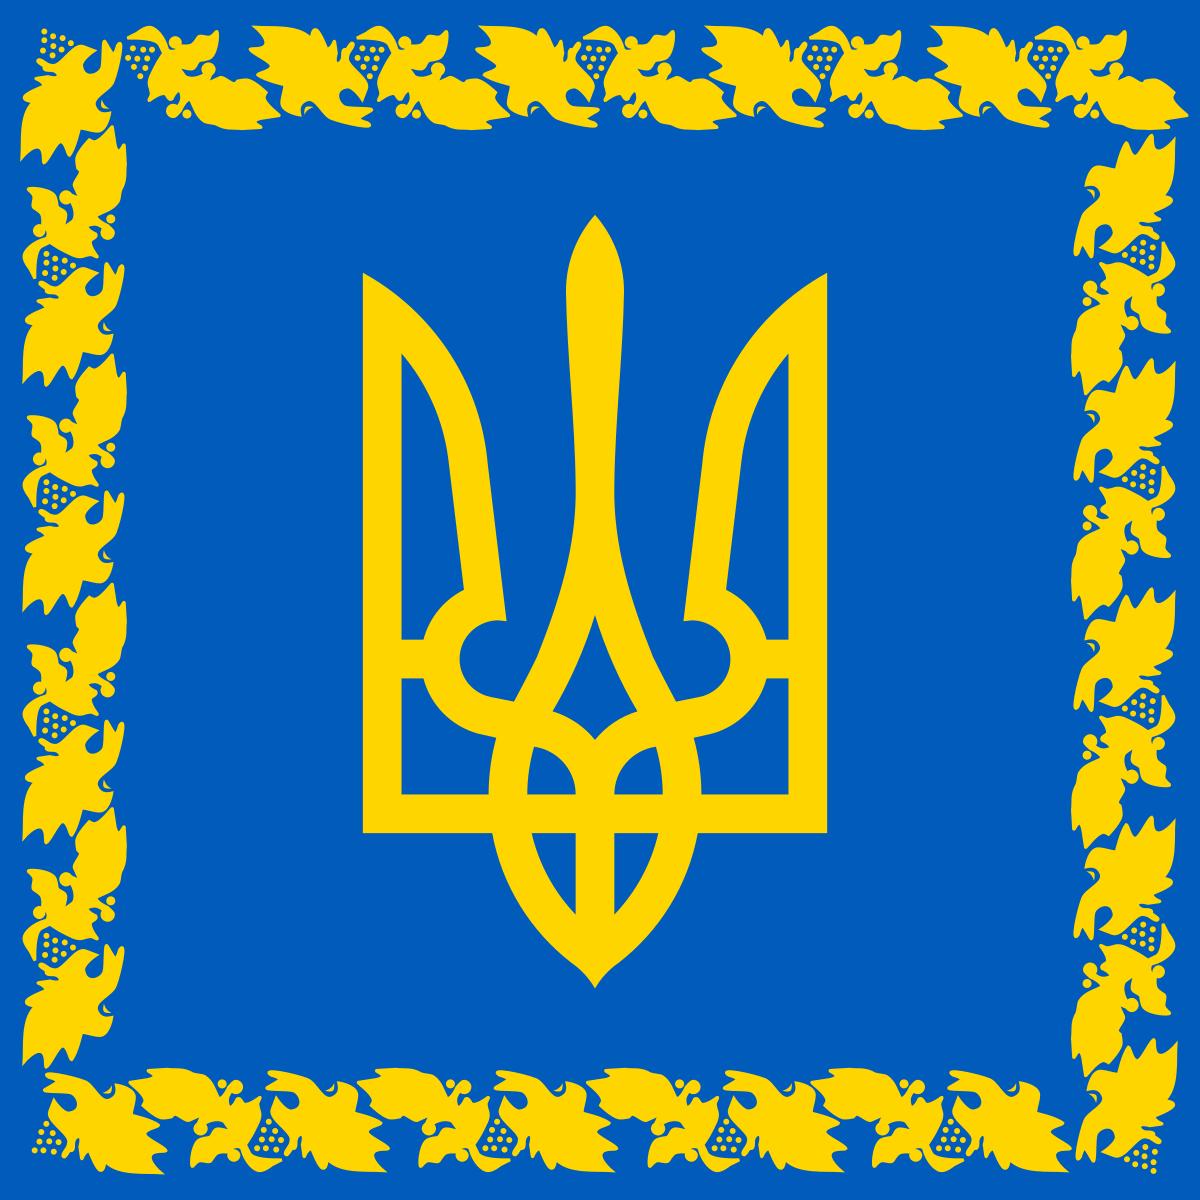 Конкурс завершено: який ескіз великого Державного герба України визнали кращим - конкурс, Зеленський, держава - 145785